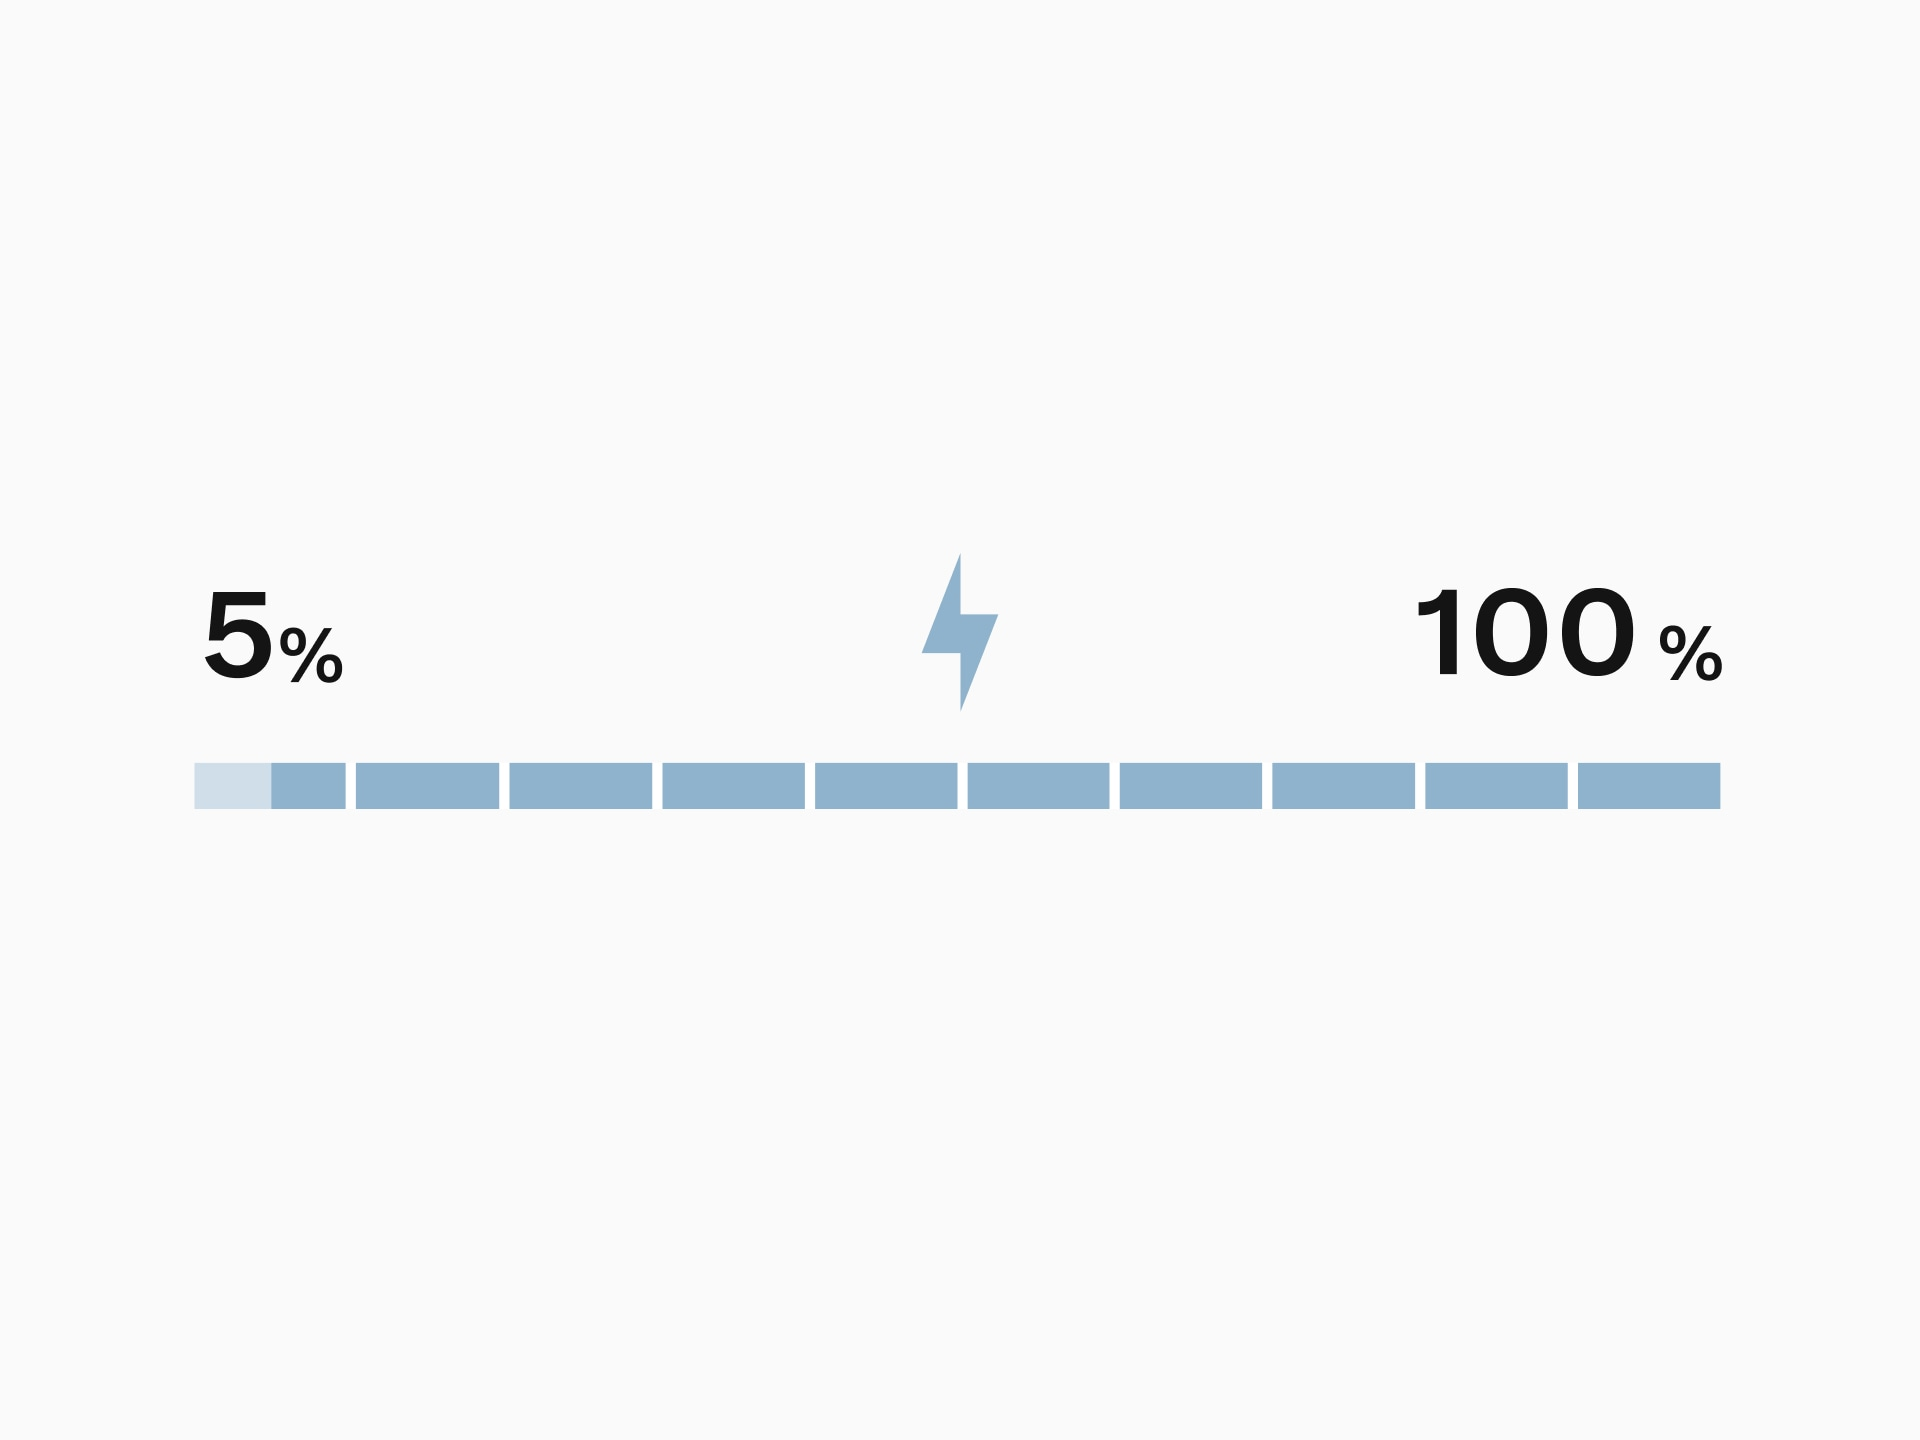 แถบแท่งกราฟแสดงเปอร์เซ็นต์การชาร์จแบตเตอรี่ เน้นที่ช่วง 5% ถึง 100% เพื่อแสดงให้เห็นระยะการเดินทางที่ควรเป็นของแบตเตอรี่ปลั๊กอินไฮบริด